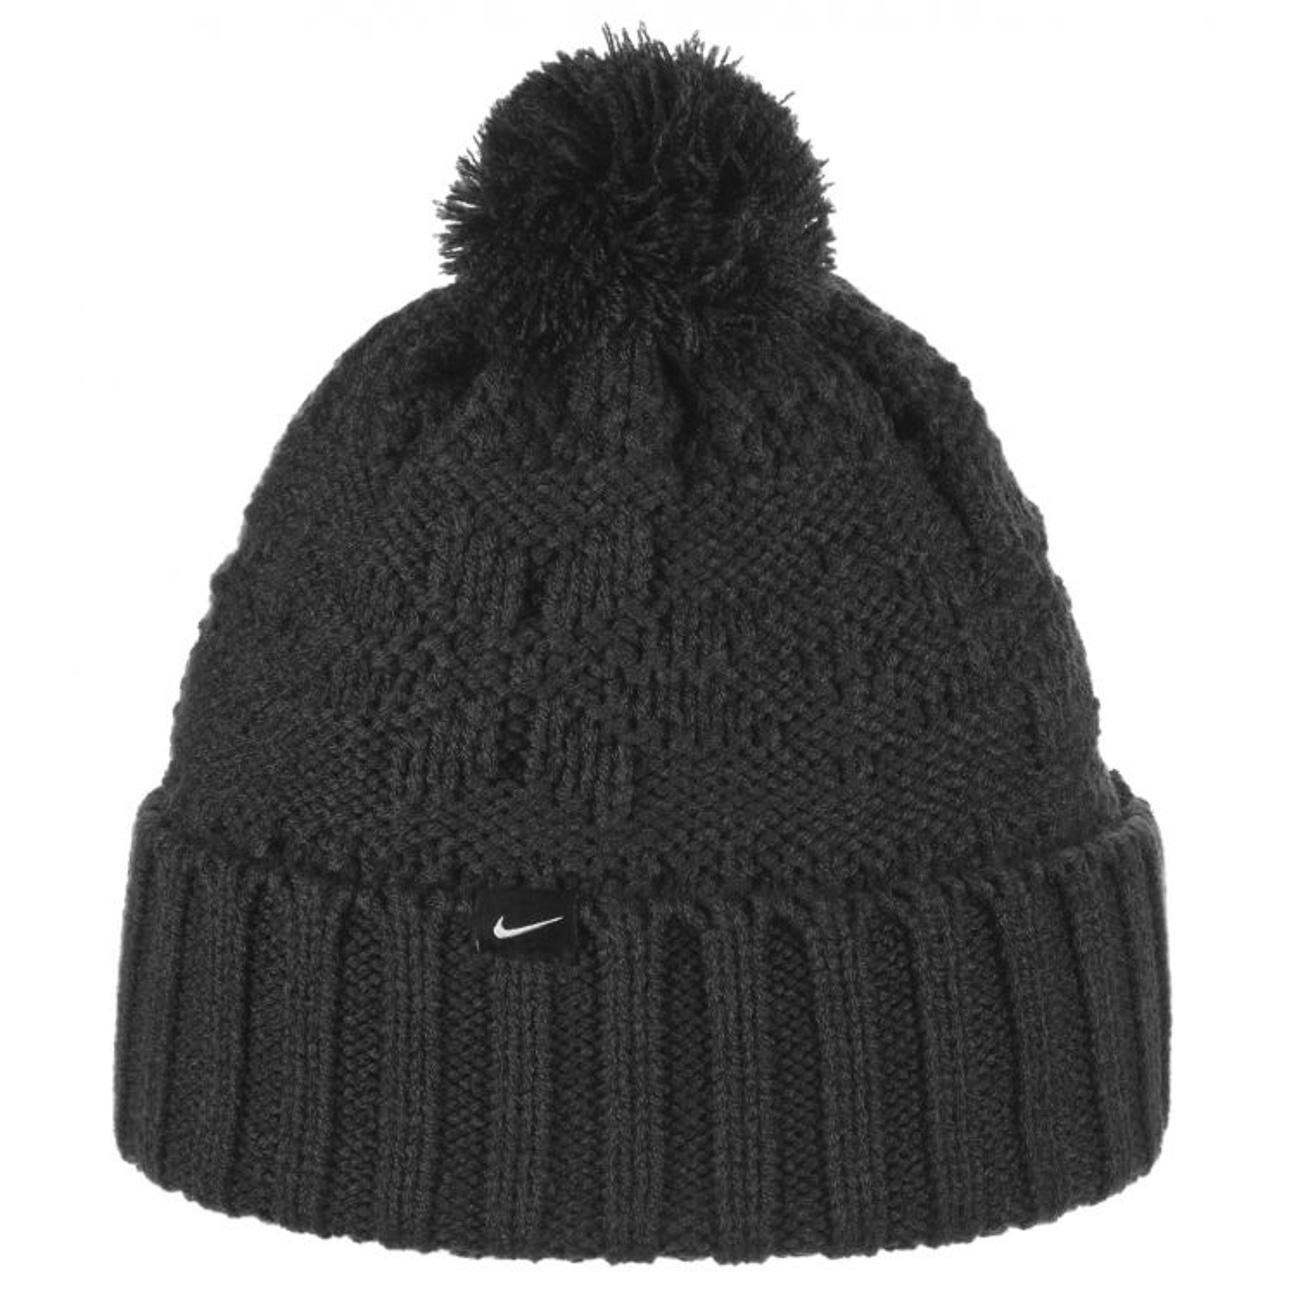 bcdaf02f34479 Acheter bonnet nike pompon homme pas cher